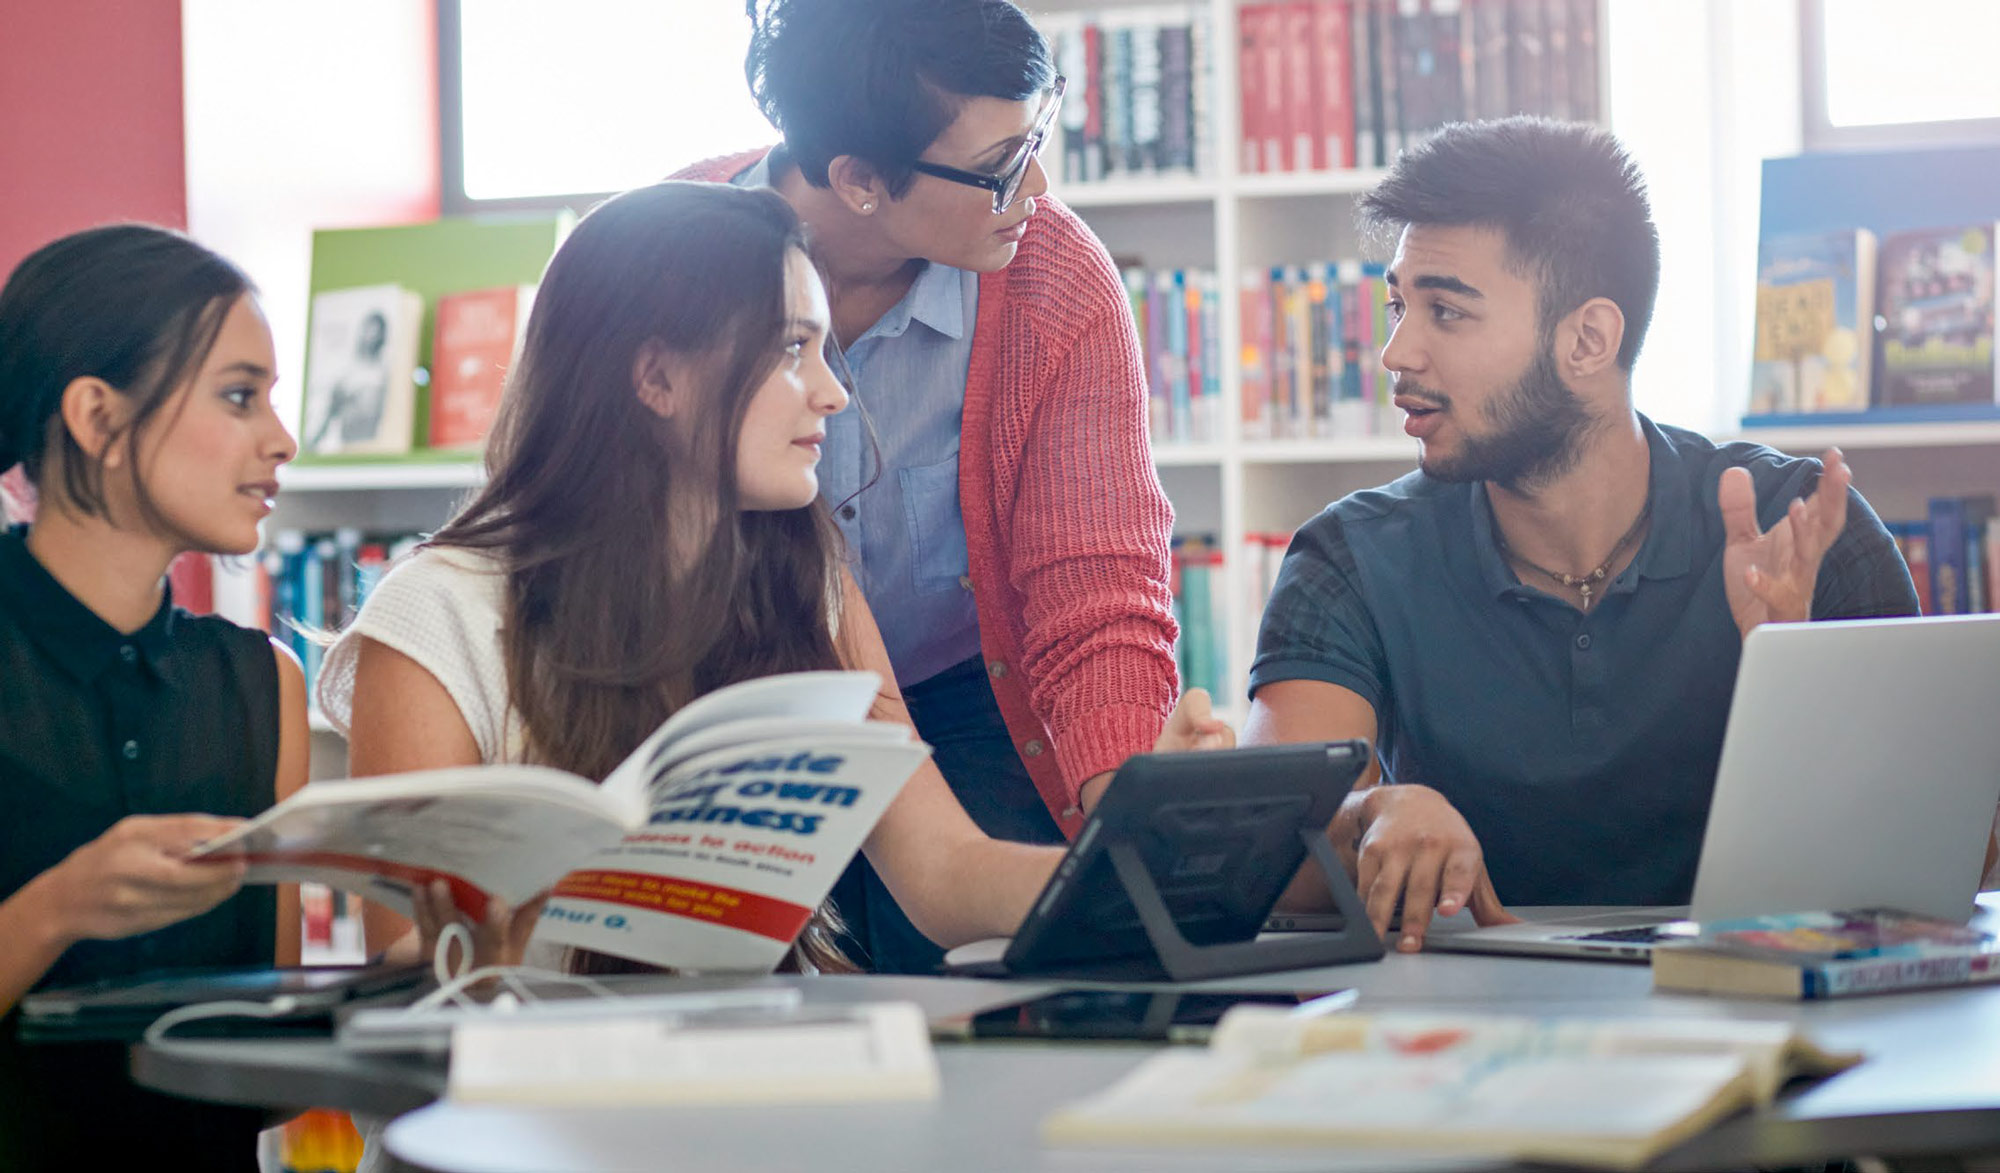 高等教育における電子書籍のこれまでと未来